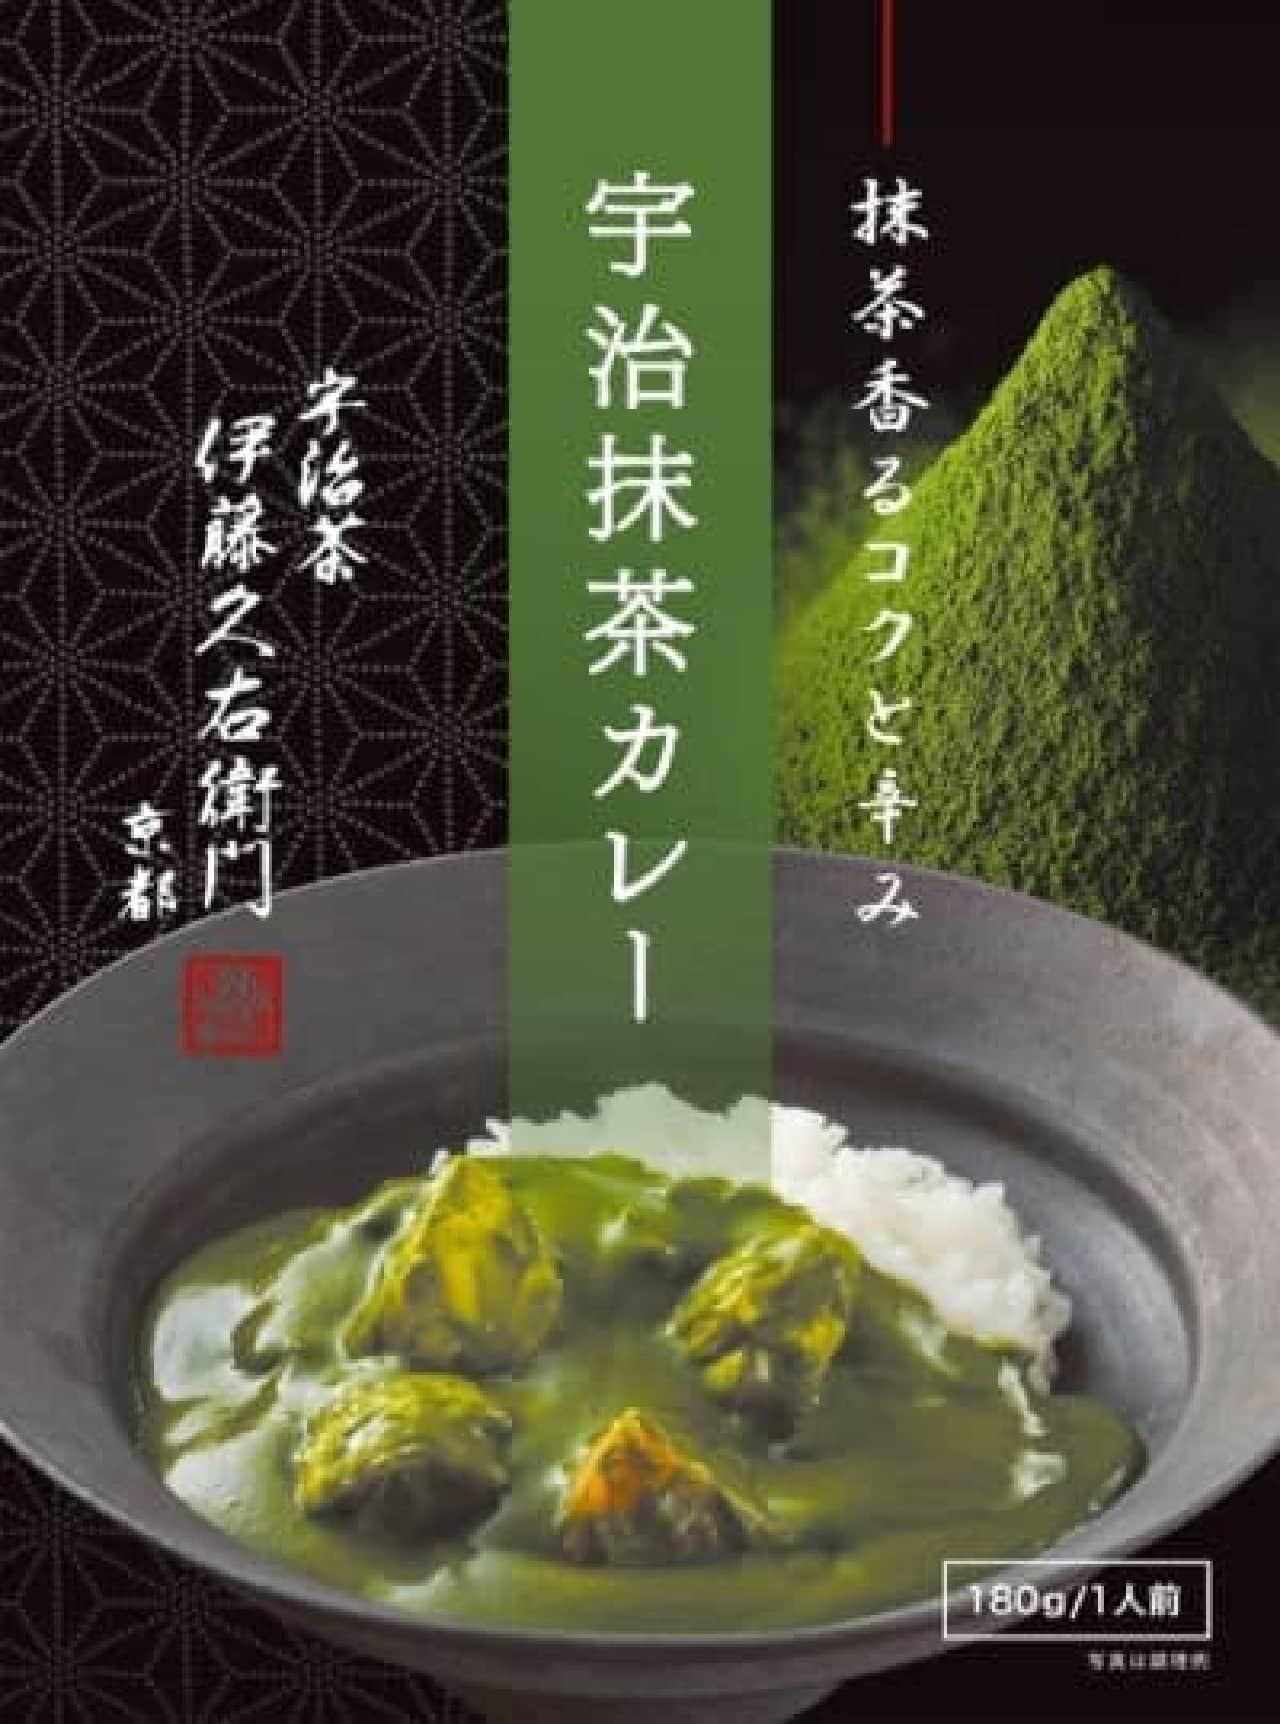 「宇治抹茶カレー」は、石臼挽き宇治抹茶が使用されたレトルトカレー